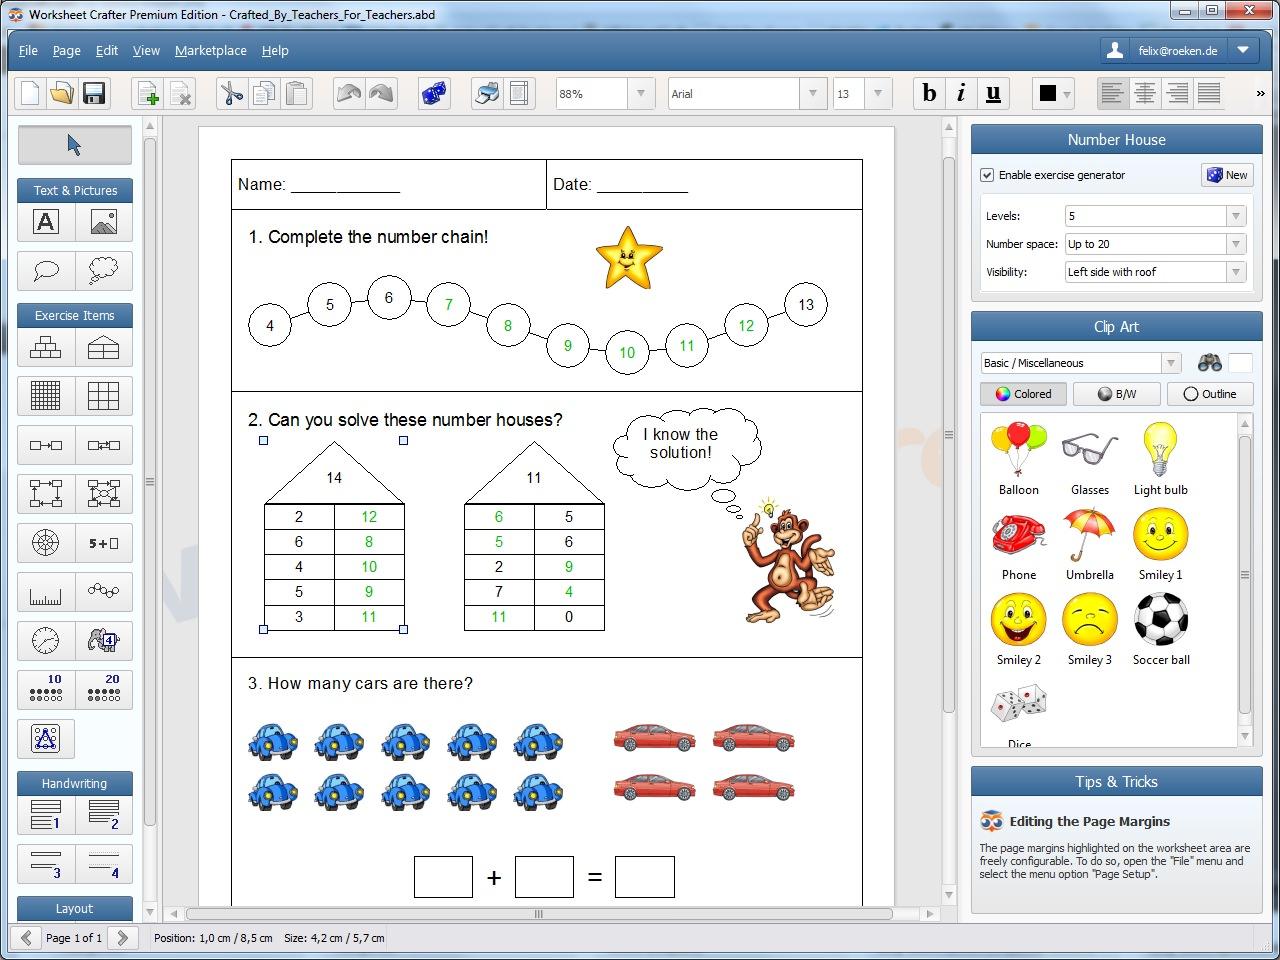 Worksheet Crafter Premium Edition 1 6 B86